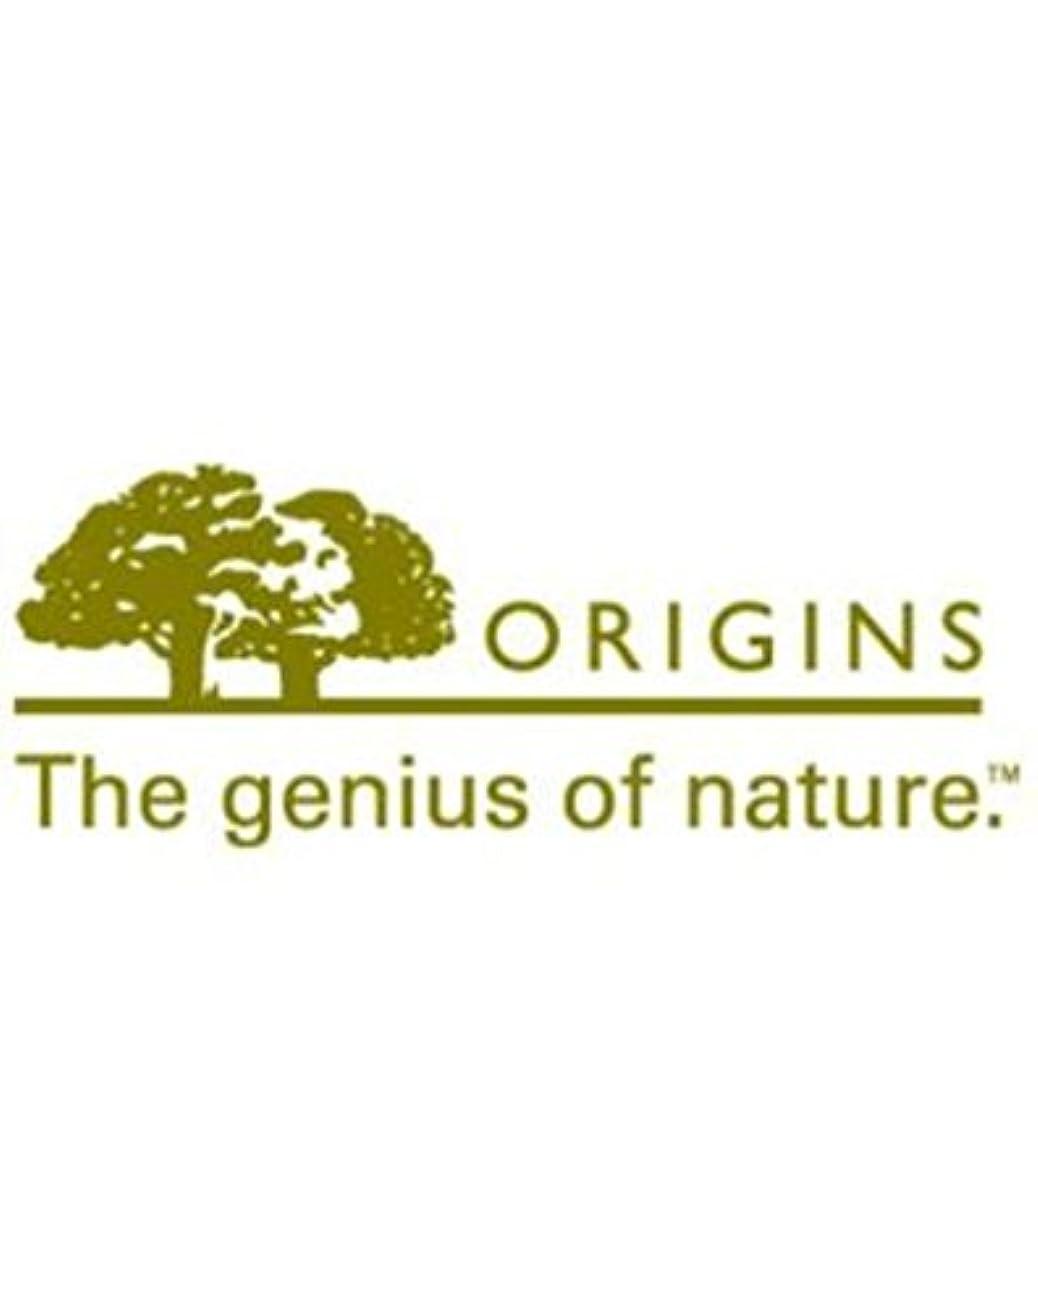 Origins Ginger Hand Cleanser 200ml - 起源ジンジャーハンドクレンザーの200ミリリットル (Origins) [並行輸入品]